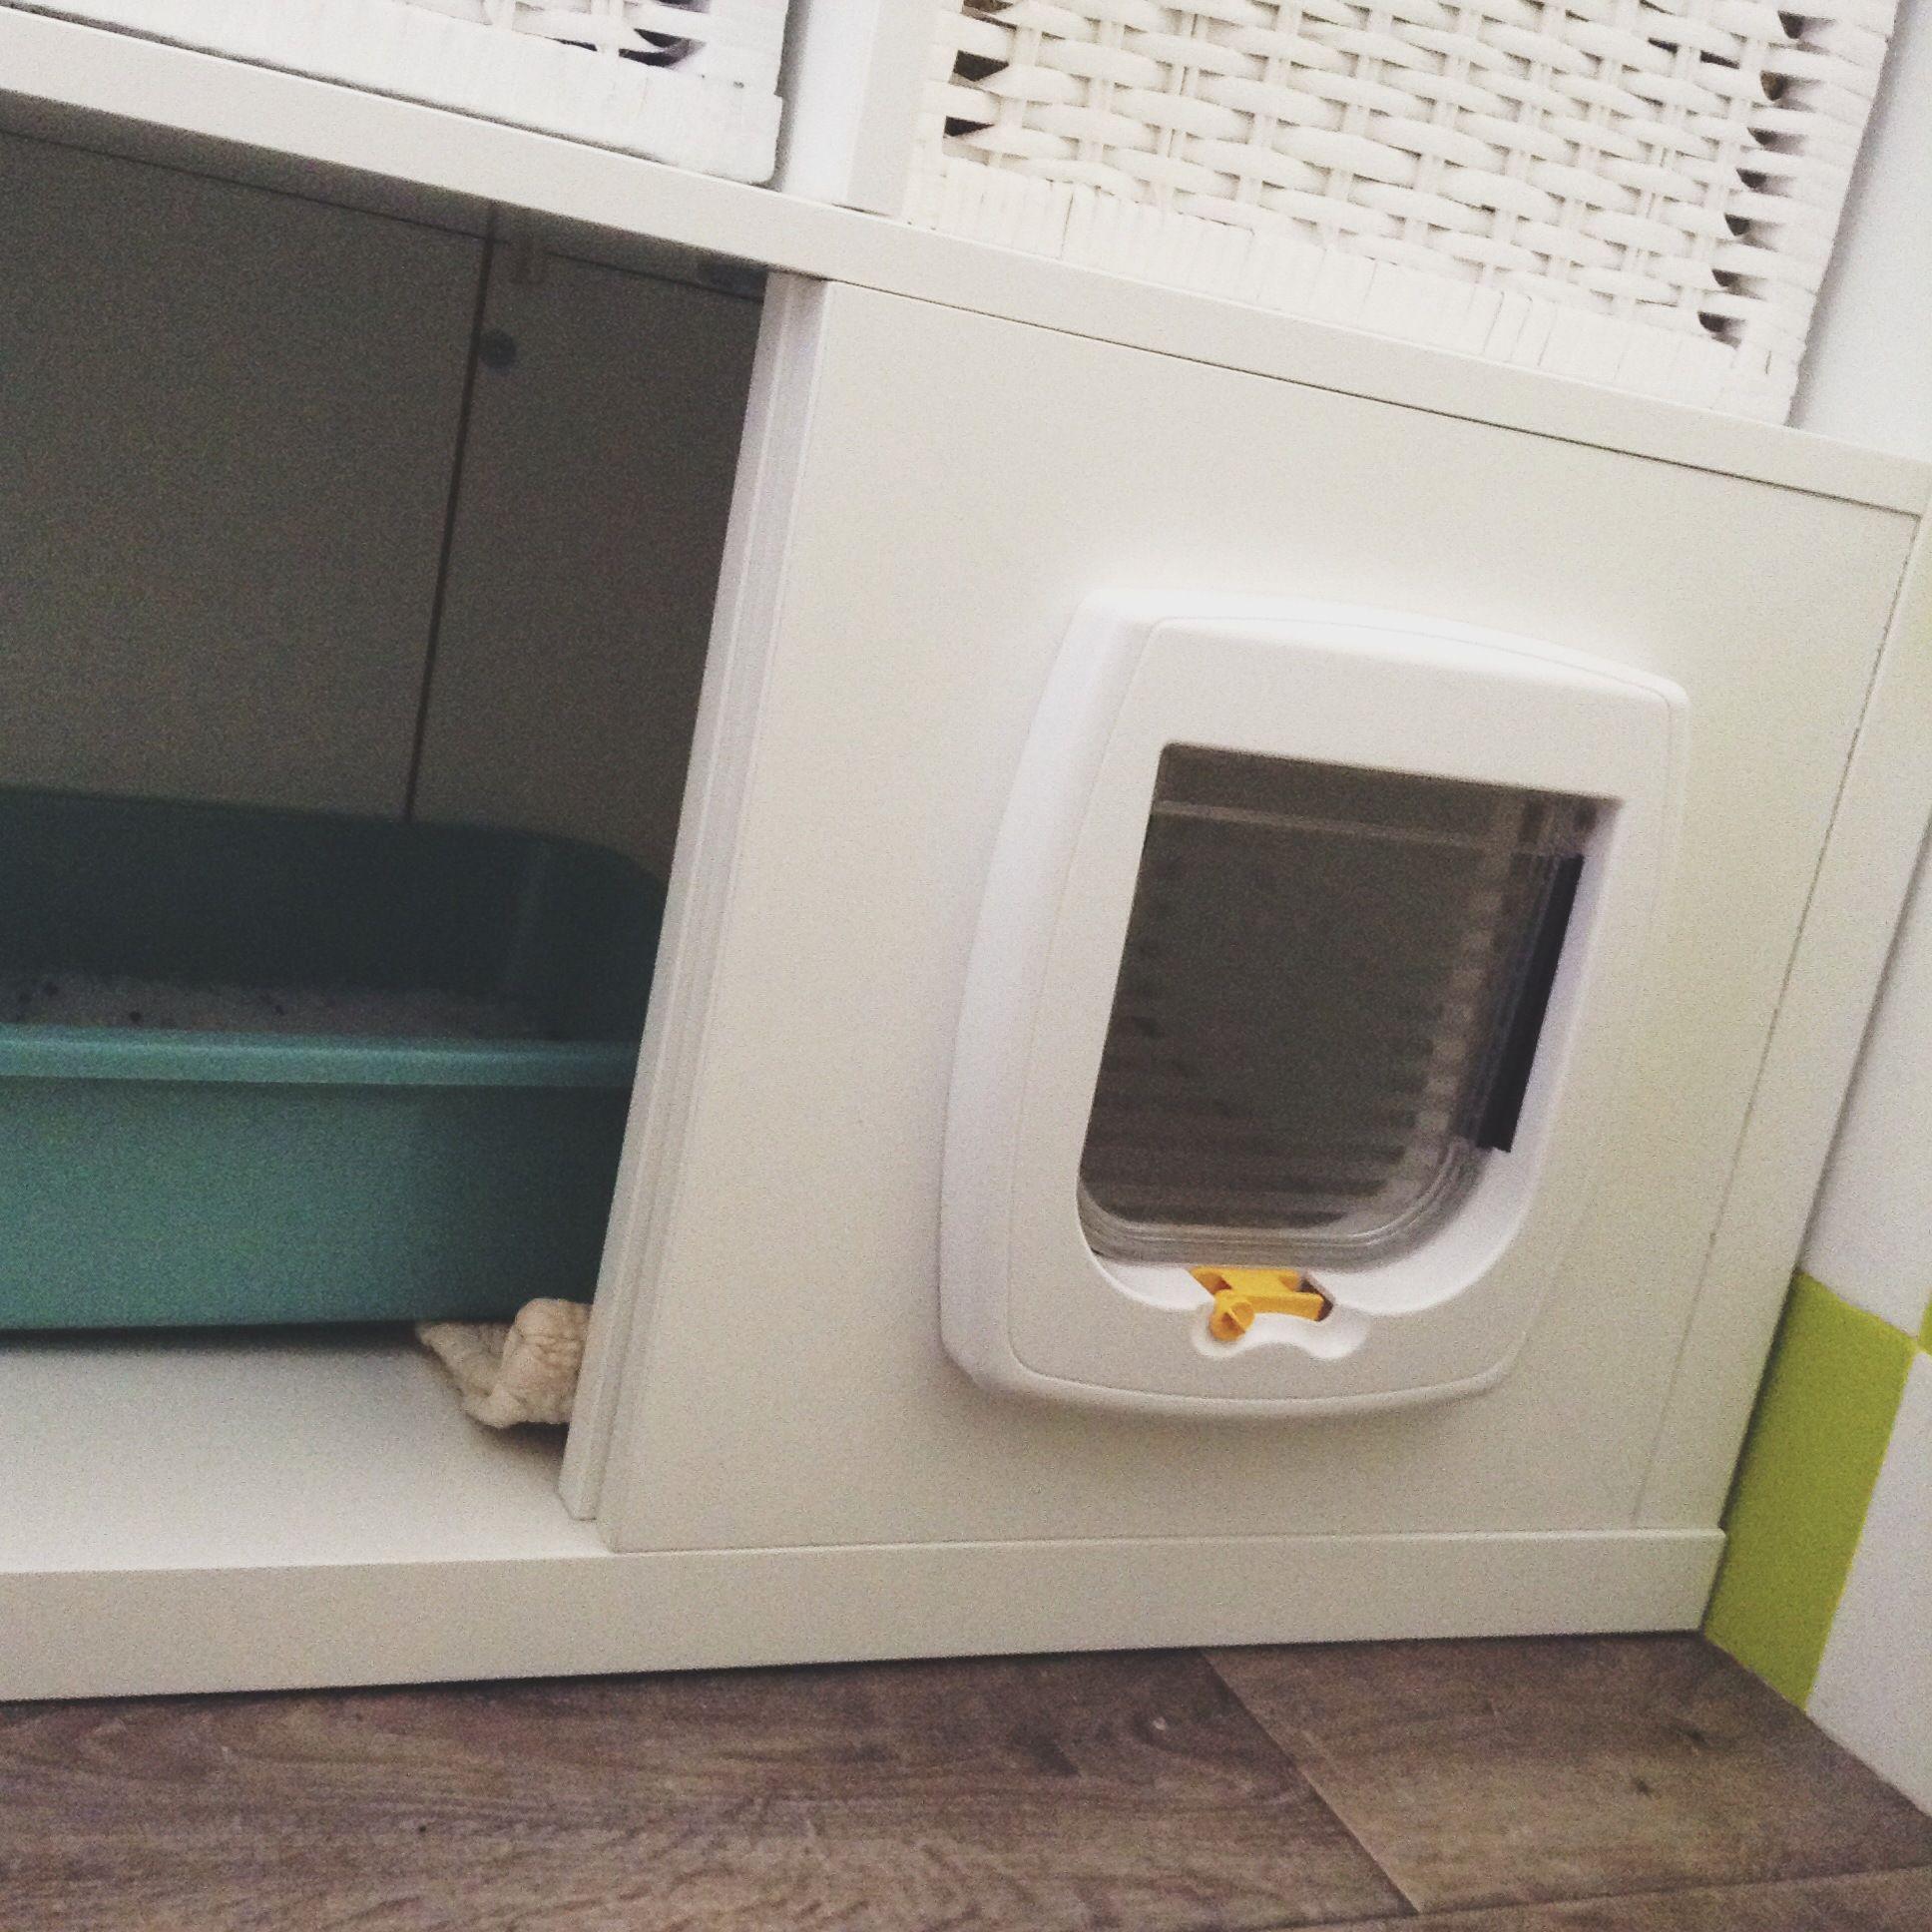 fabriquer un meuble a litiere avec un casier ikea et une chatiere e27e0bbb07a86ae513344484e3aaf3b1 deco maison